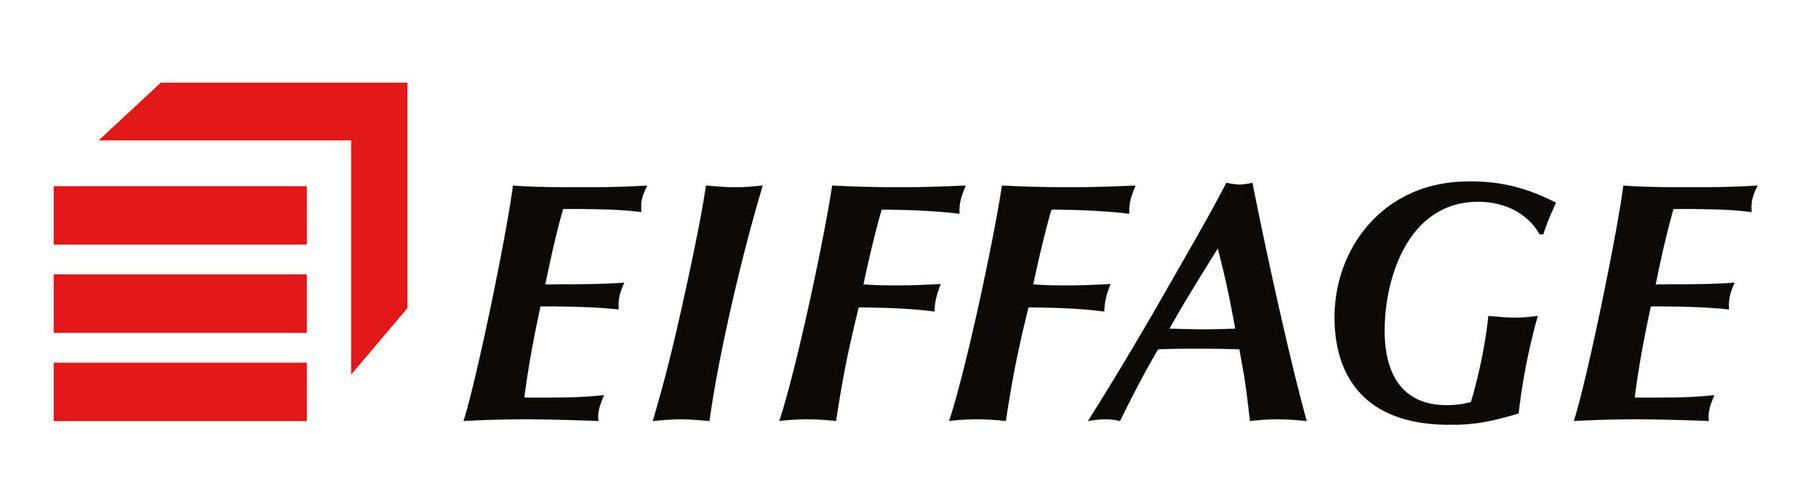 logo_eiffage_2800px